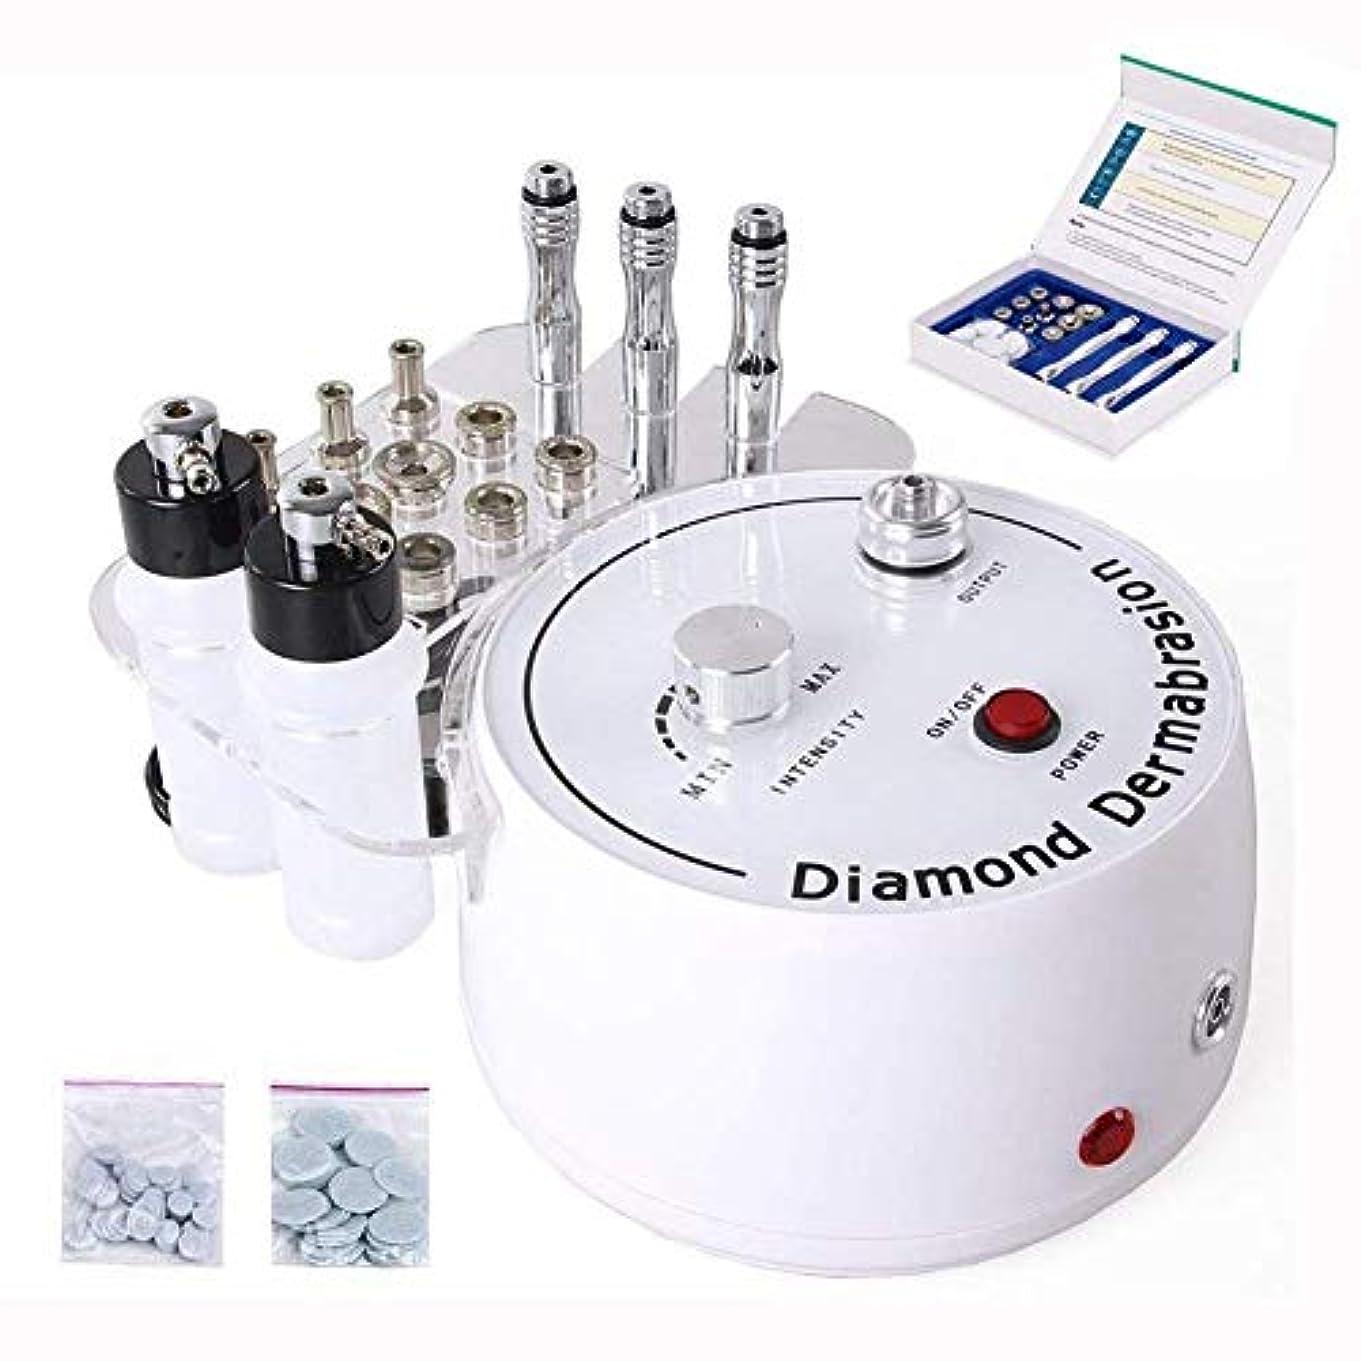 援助する老人誤解するダイヤモンドマイクロダーマブレーション皮膚剥離機、ピーリング美容機しわフェイスピーリングマシン、専門の皮膚剥離装置肌用美容機器を引き締め若返りリフティングピーリング